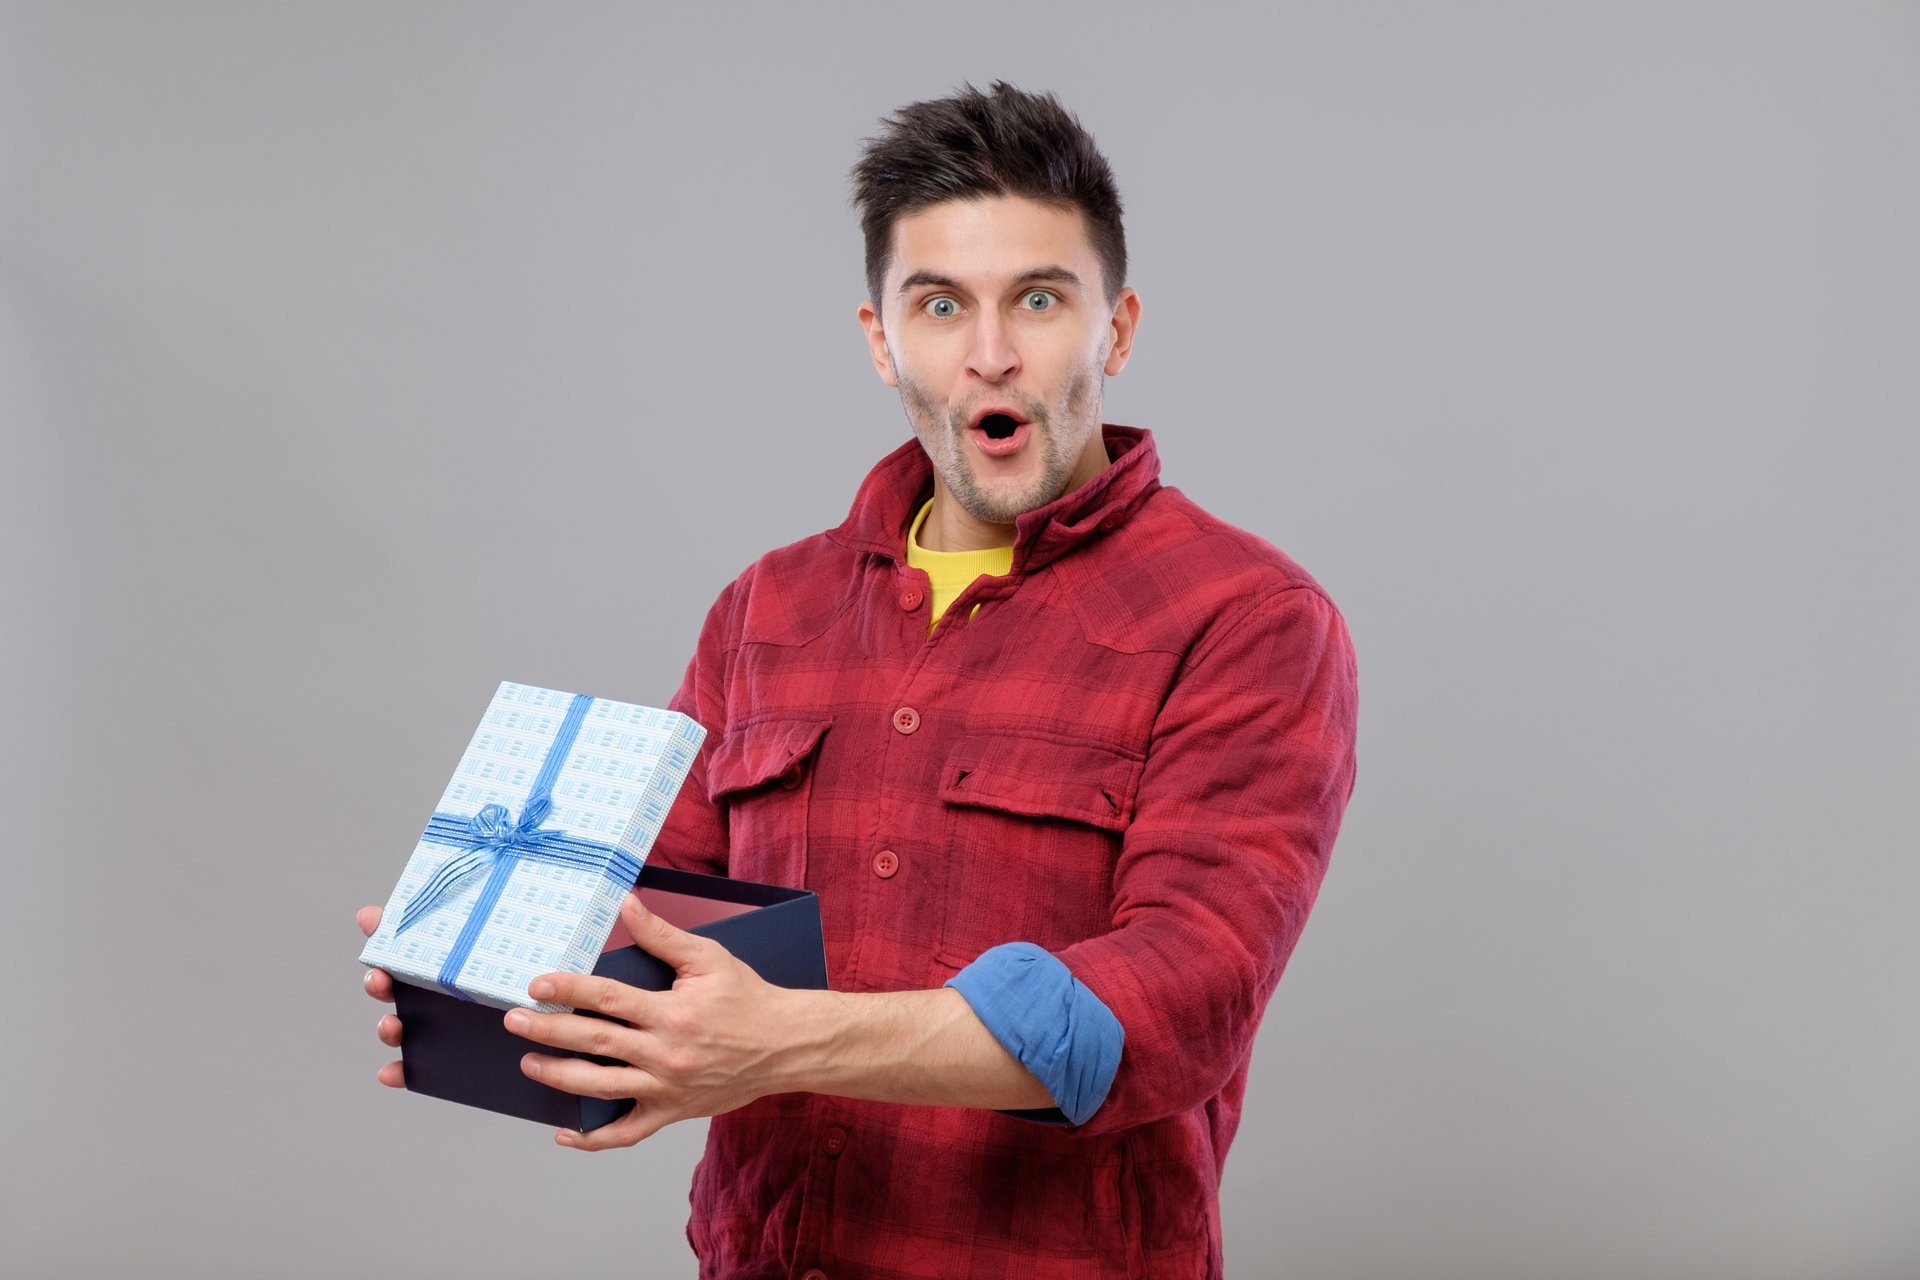 gift recipient